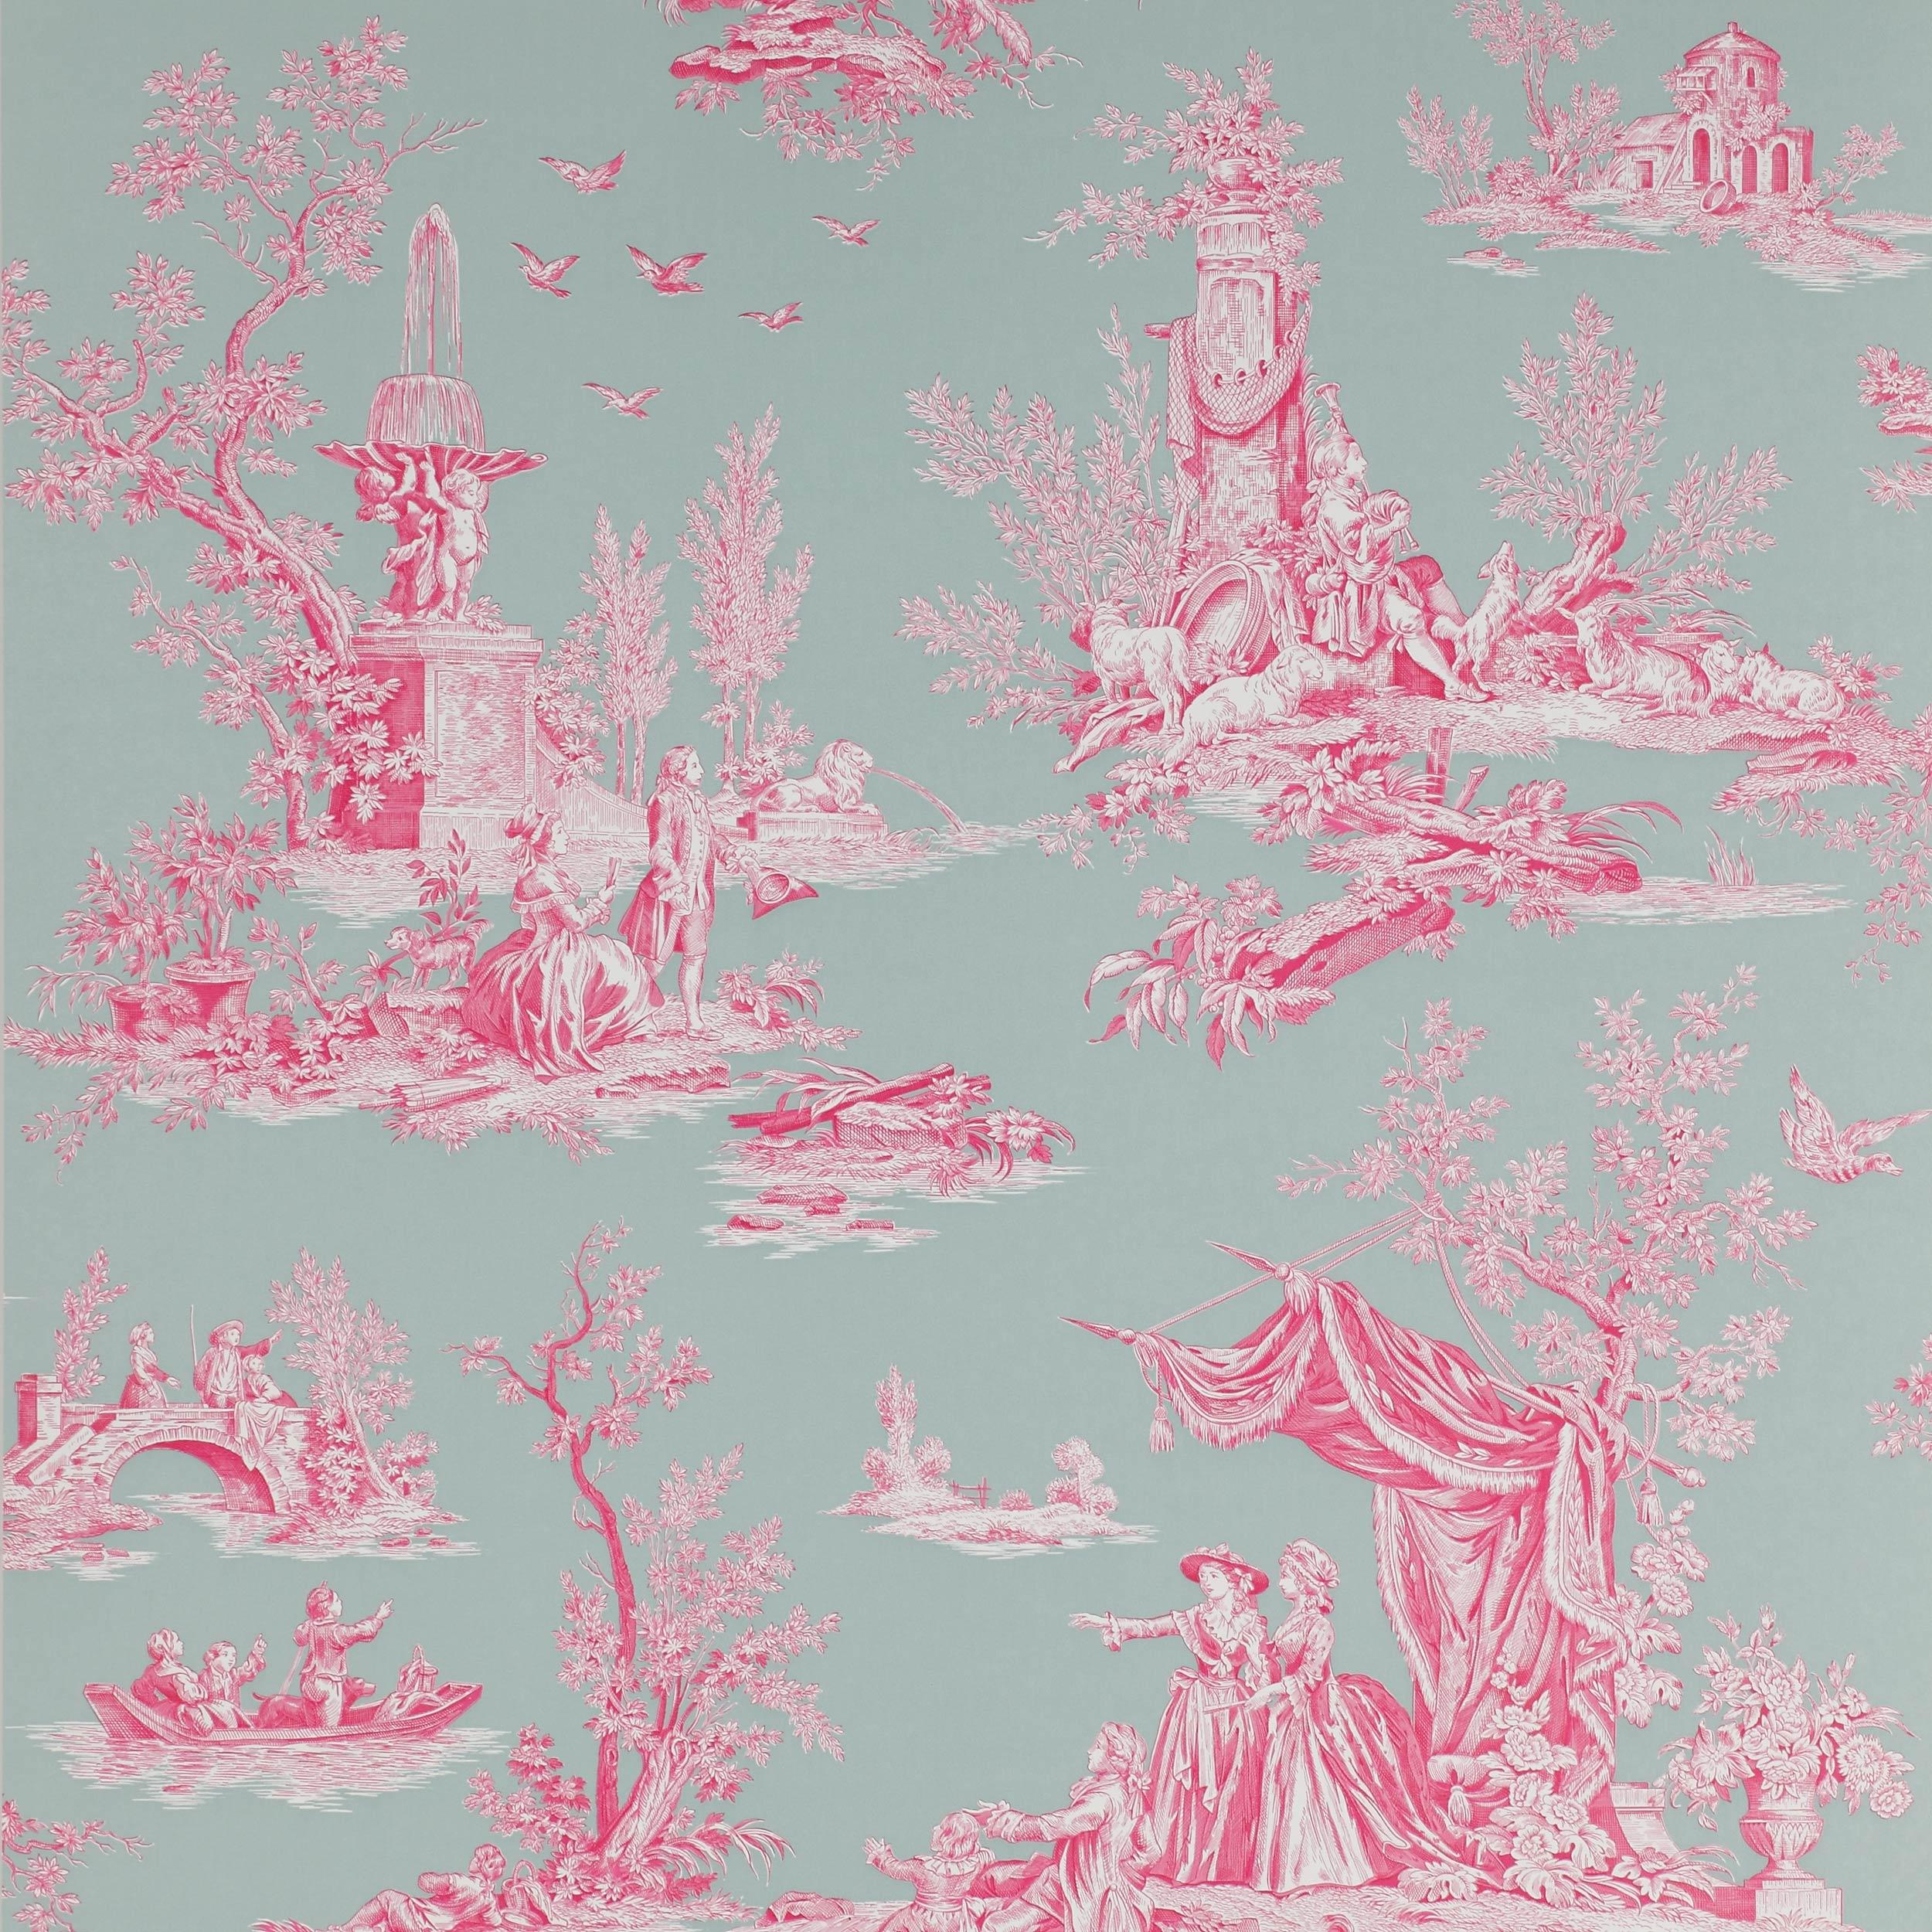 jardin du luxembourg 03066 03 papiers peints trianon. Black Bedroom Furniture Sets. Home Design Ideas